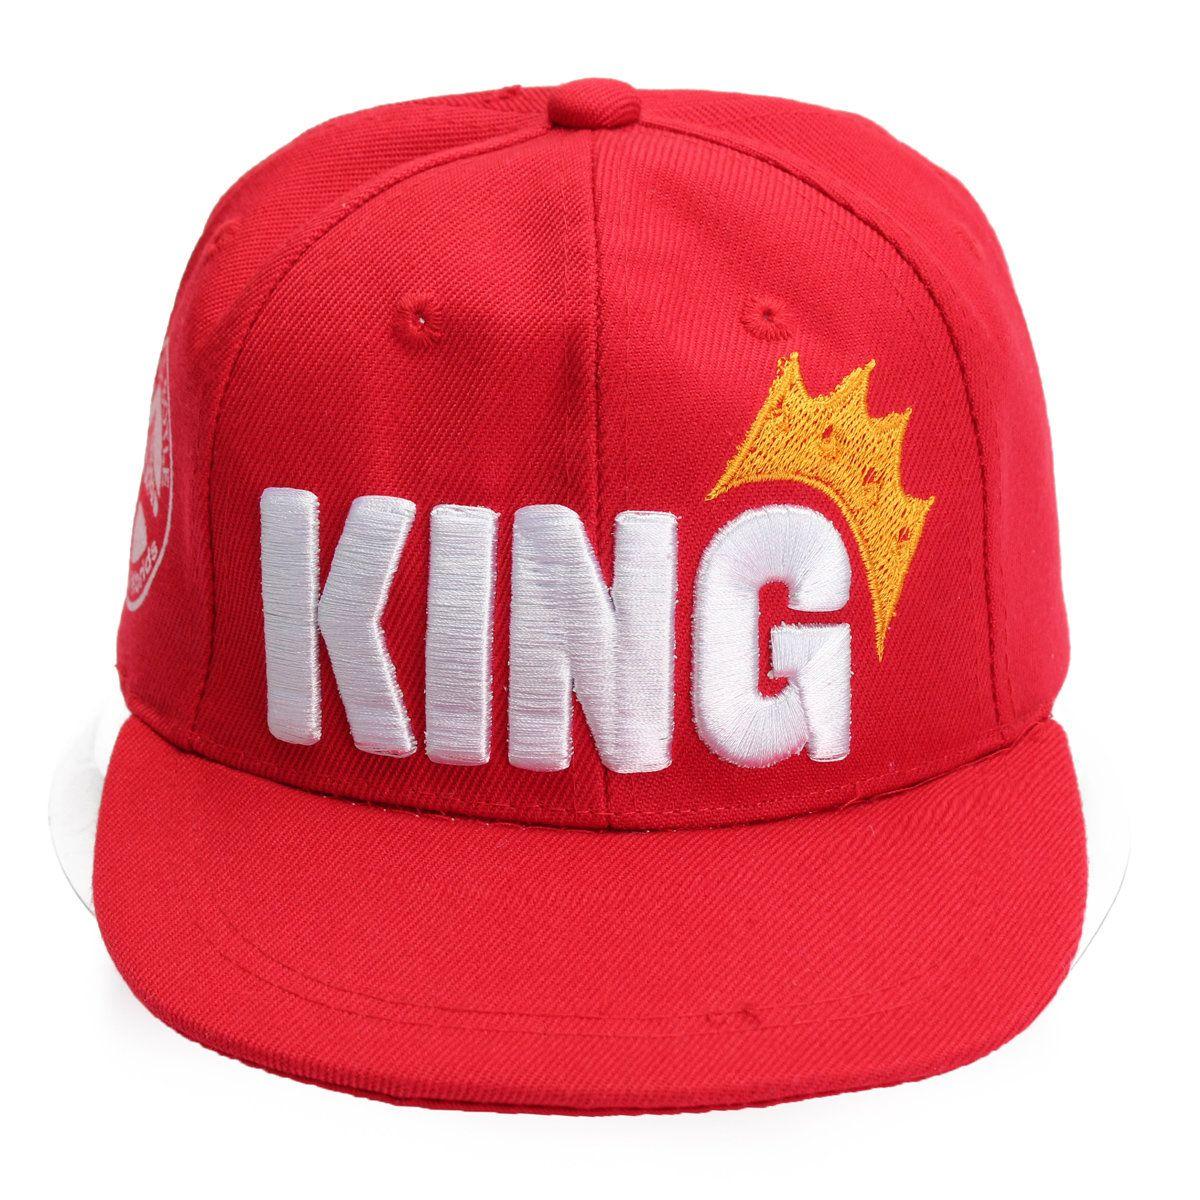 4c7e70fe01d Children King Crown Flat Brimmed Baseball Cap Adjustable Embroidered  Boy Girl Hip Hop Hat Snapback